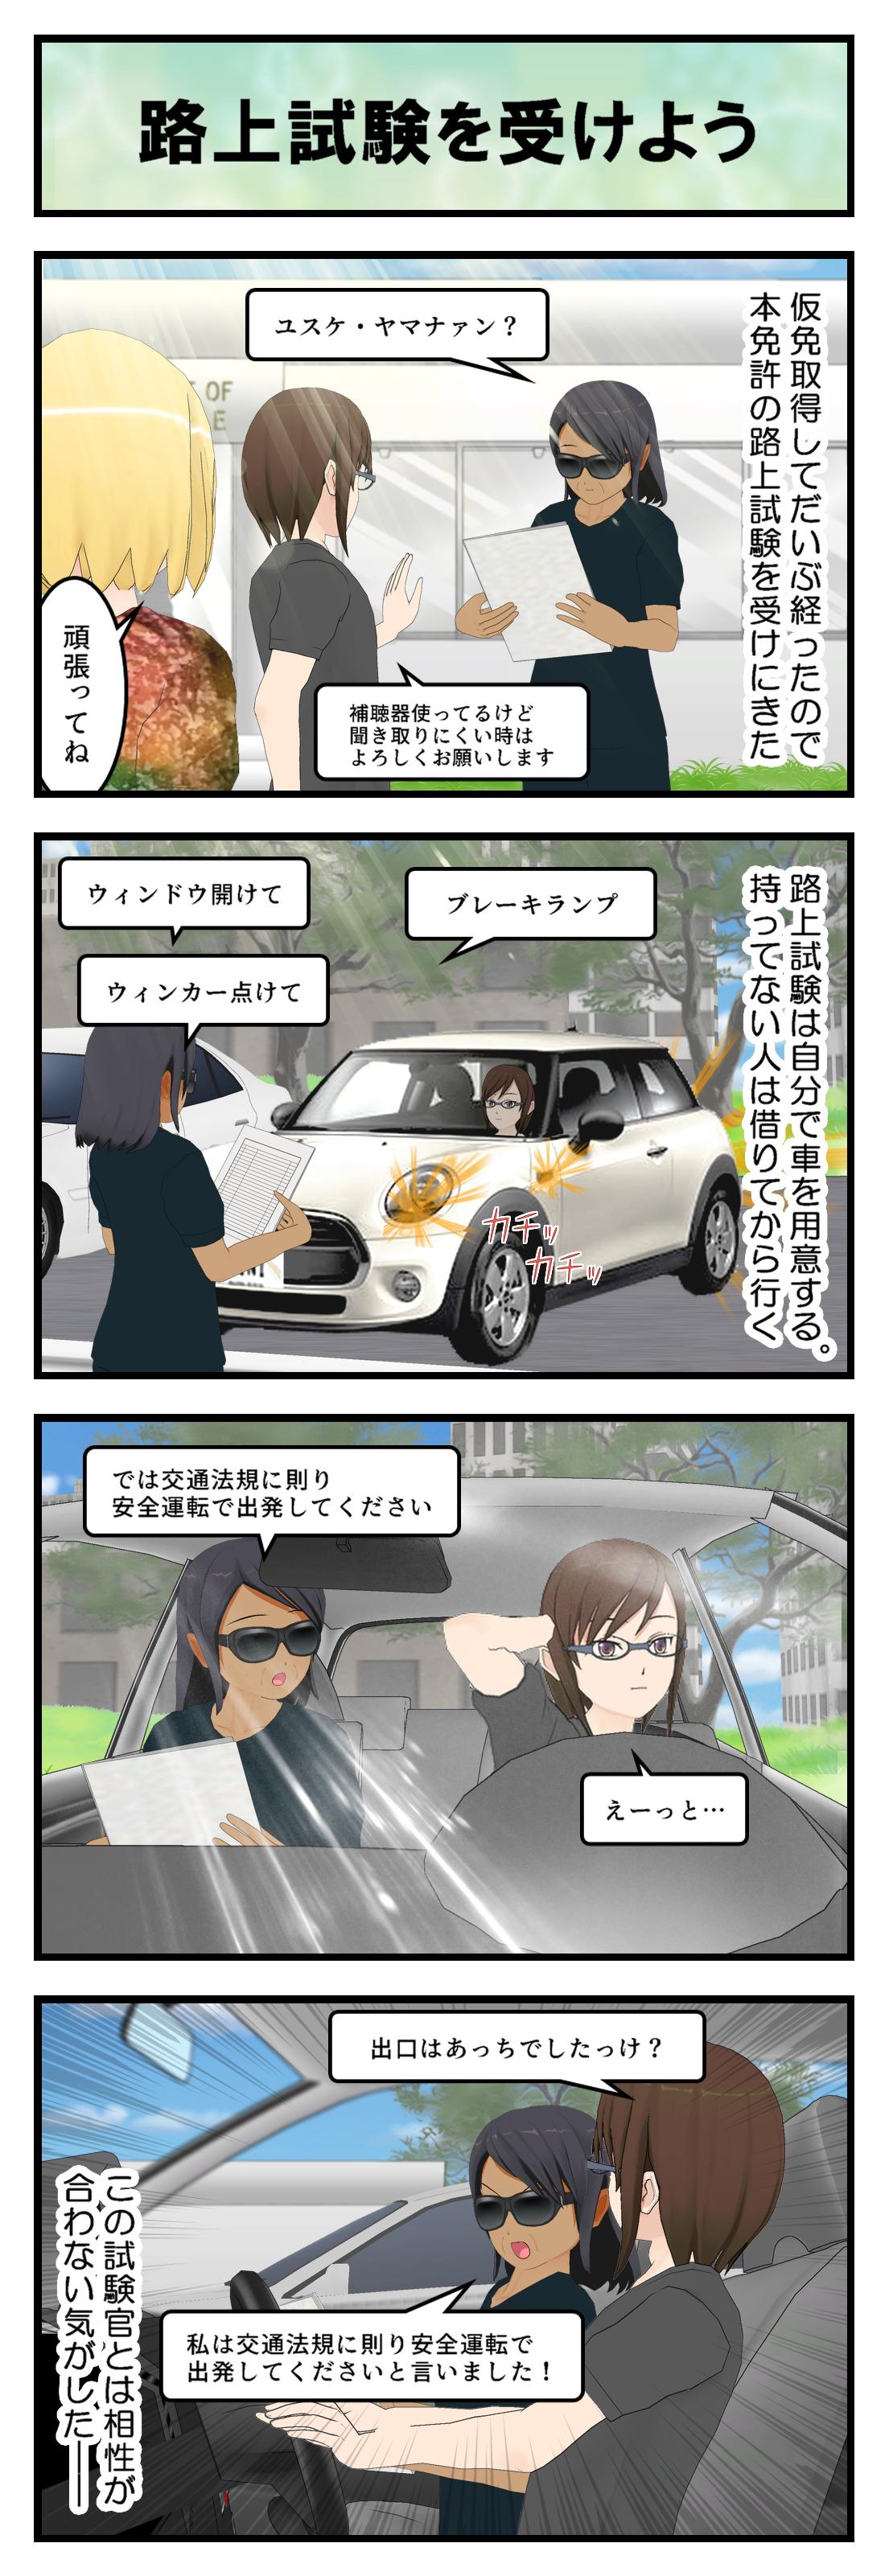 R095_路上試験_001